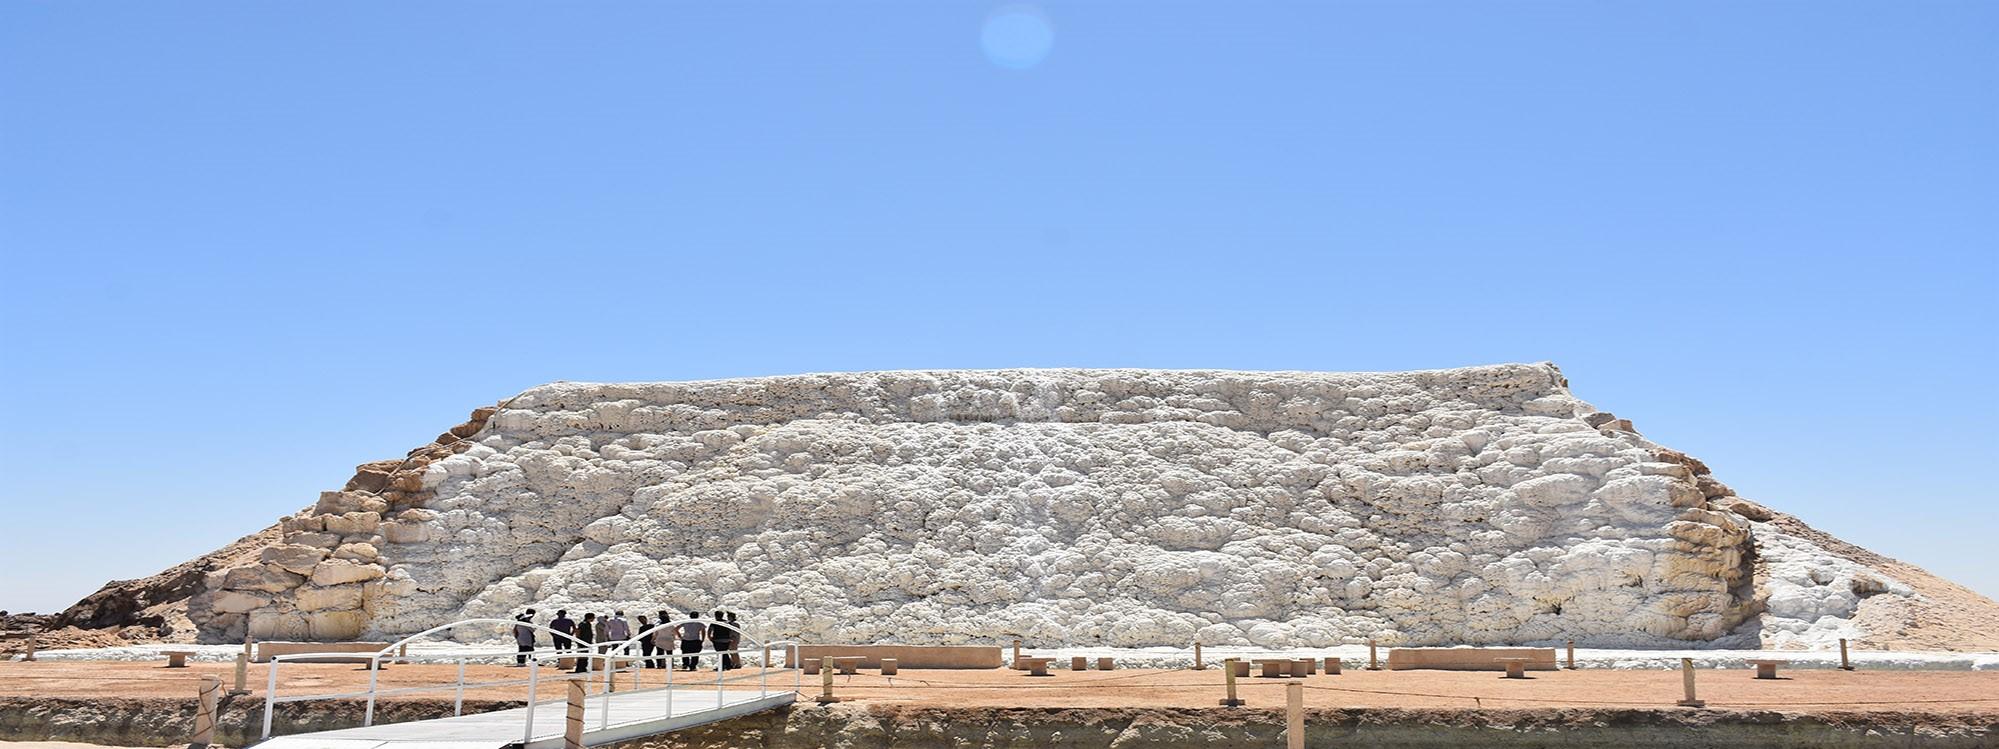 آبشار نمکی پتاس